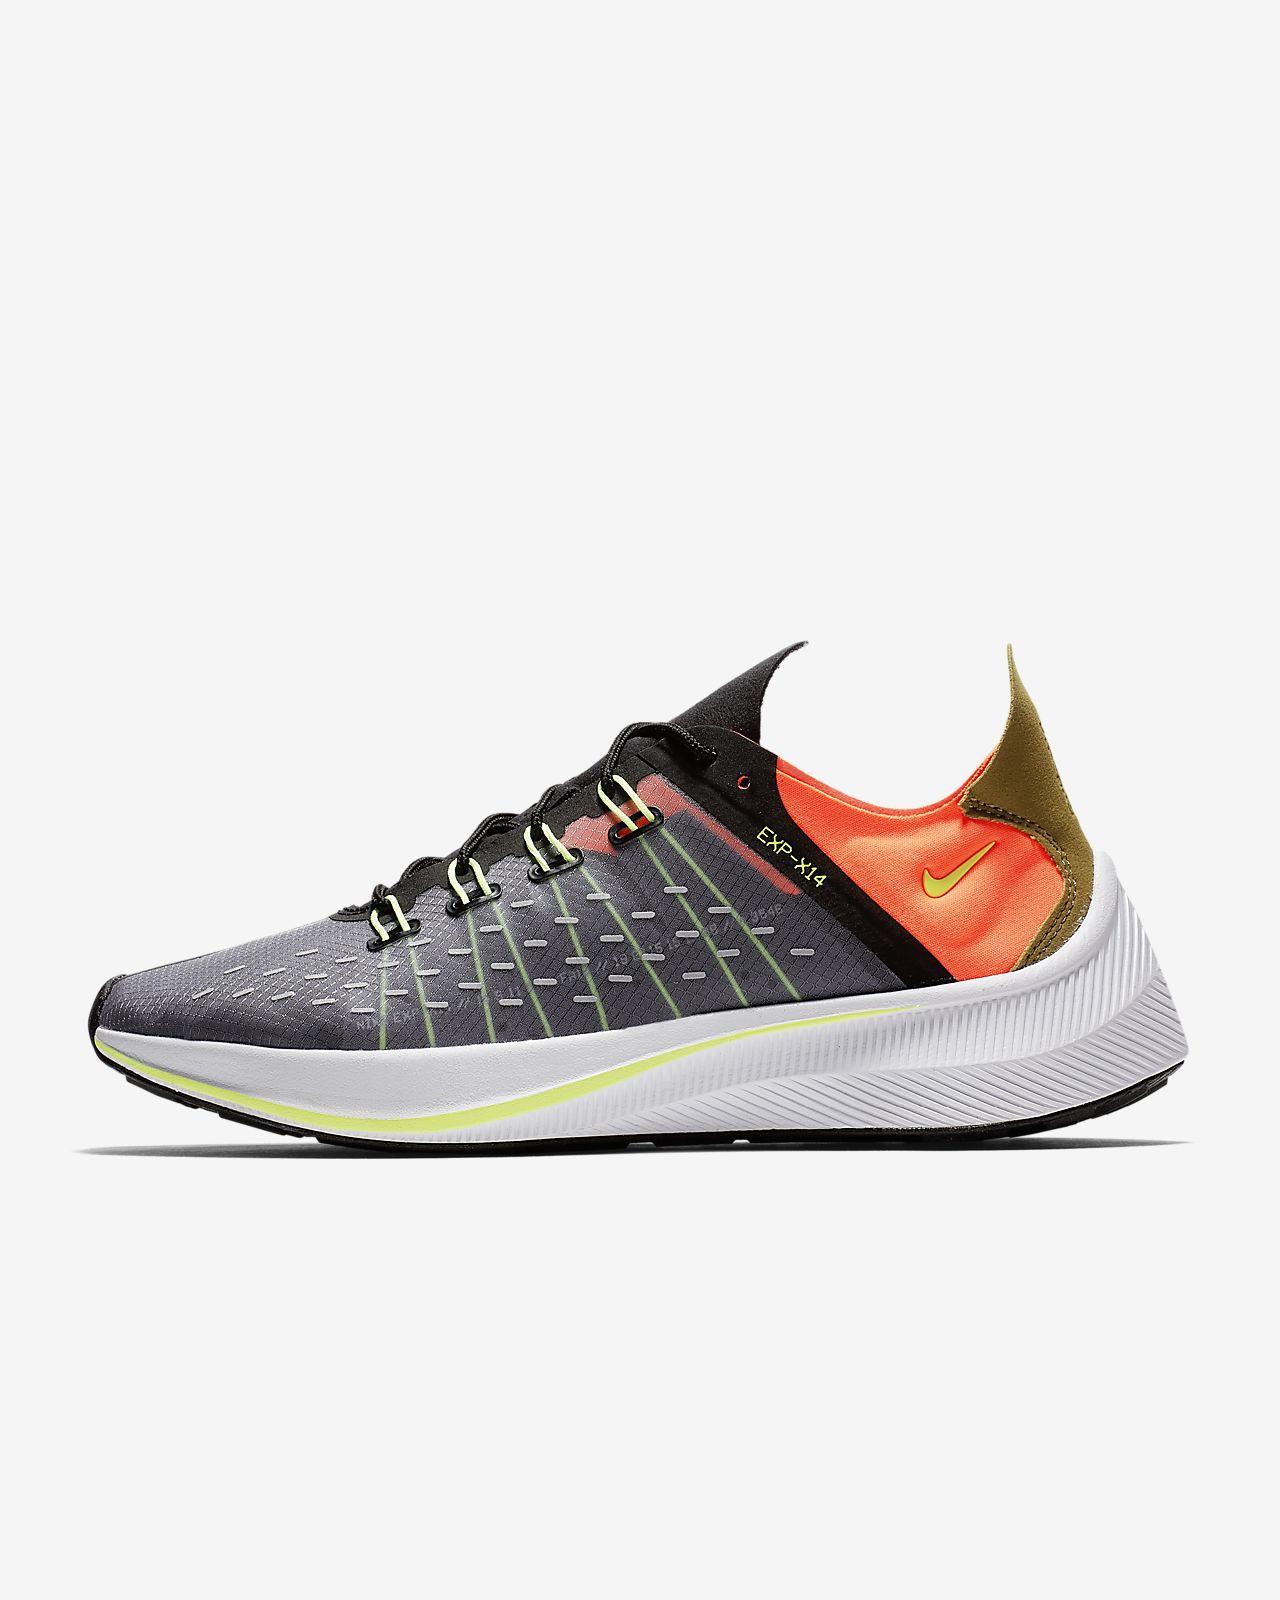 reputable site c6f65 c281f Nike EXP-X14 Zapatillas - Hombre